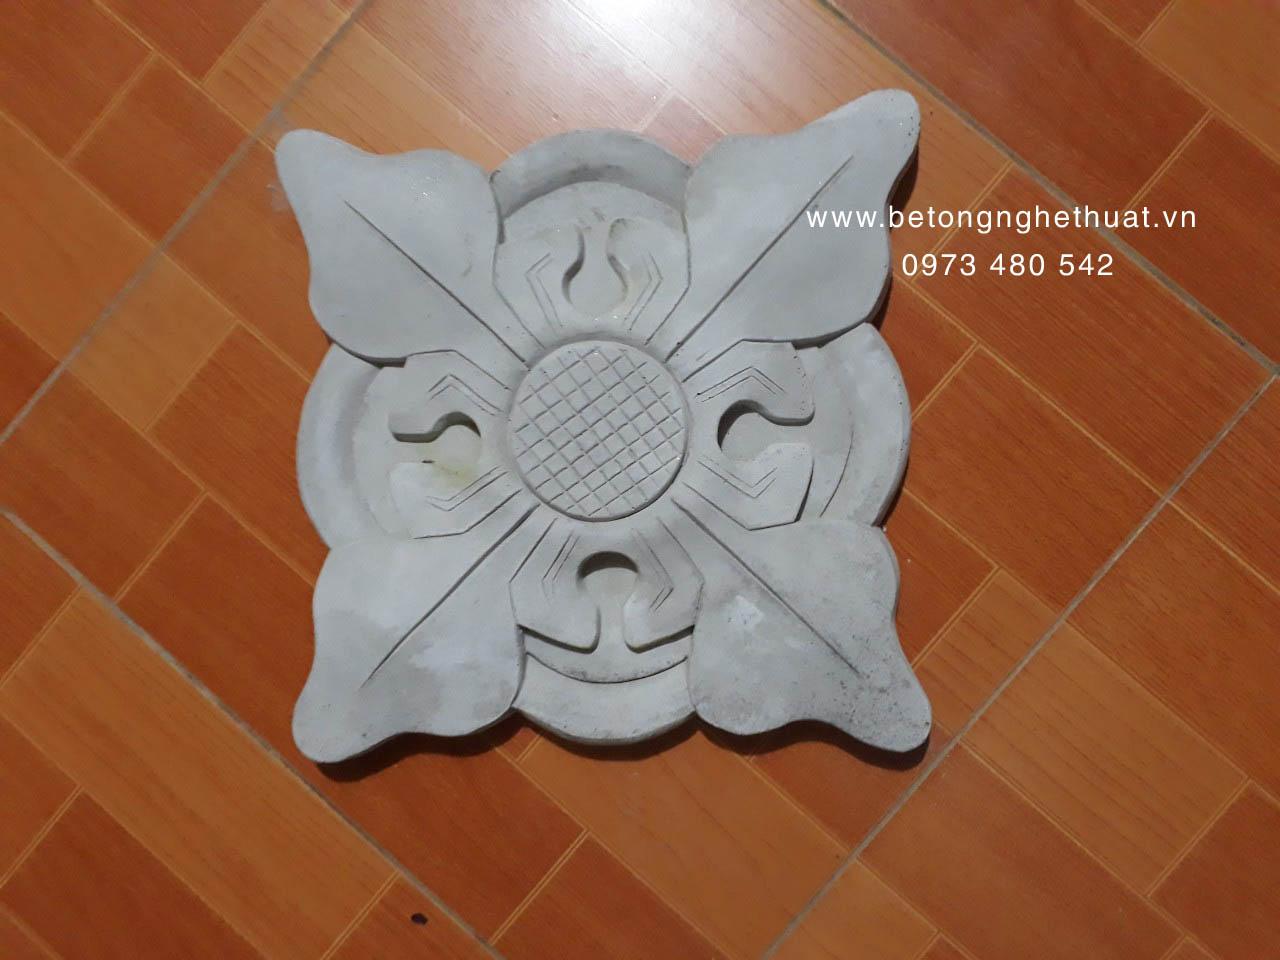 Hoa văn trang trí mặt tiền 35x35cm